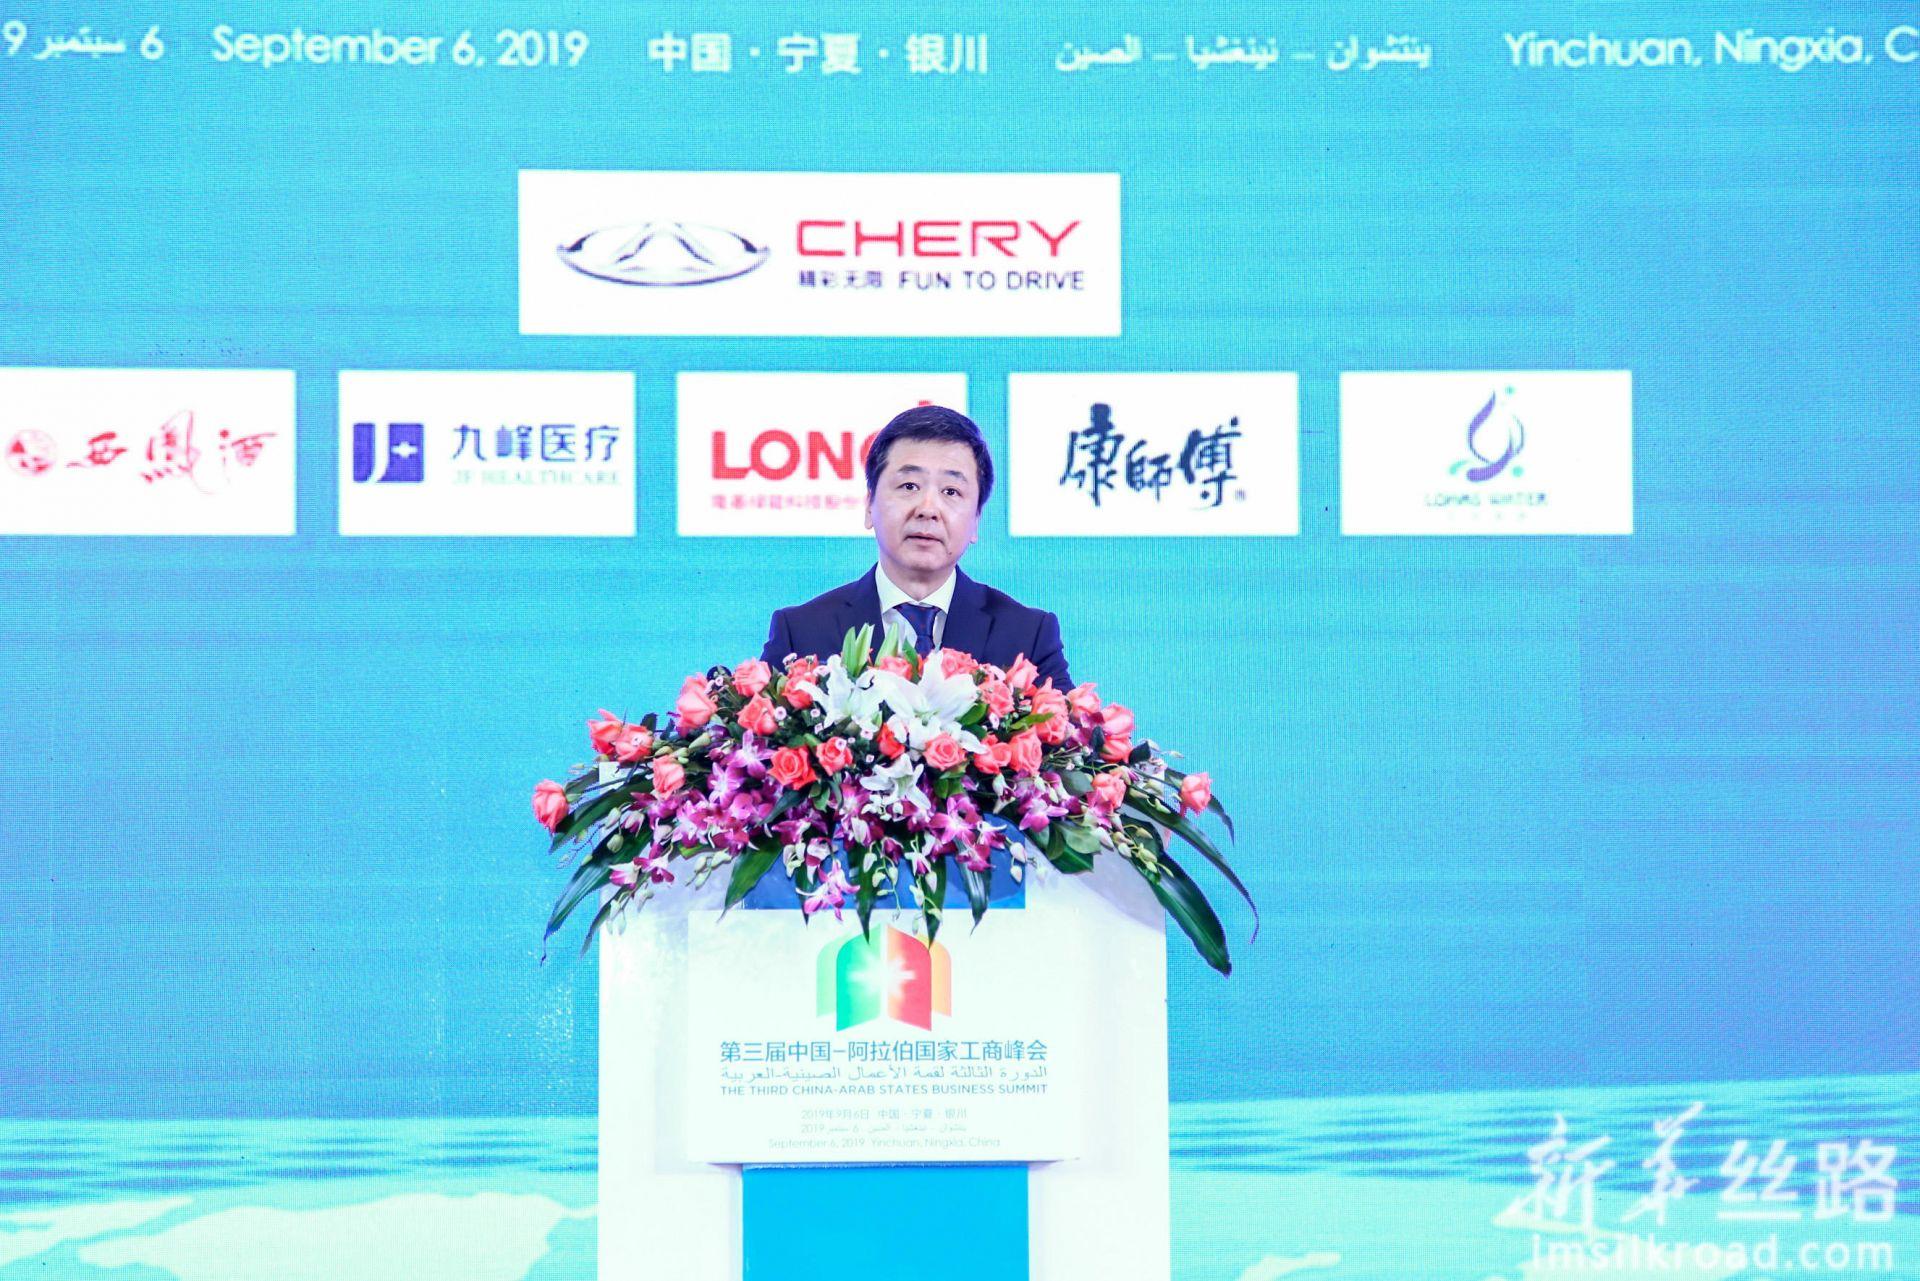 浙江执御信息技术有限公司副总裁杜明皓发言。